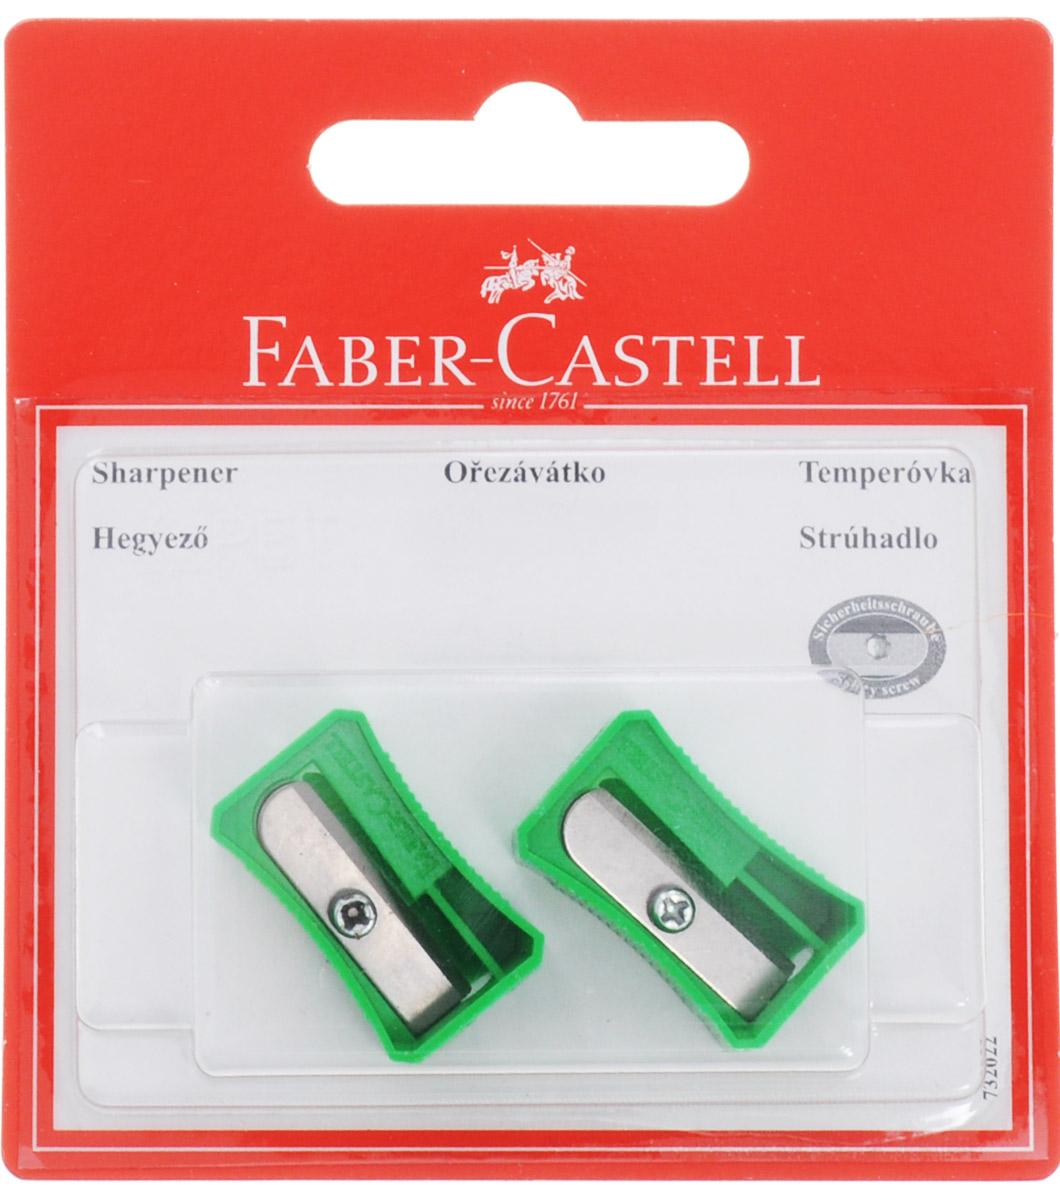 Faber-Castell Точилка цвет зеленый 2 шт263221_зеленыйТочилка Faber-Castell предназначена для затачивания классических простых и цветных карандашей. В наборе две точилки из прочного пластика зеленого цвета с рифленой областью захвата. Острые лезвия обеспечивают высококачественную и точную заточку деревянных карандашей.